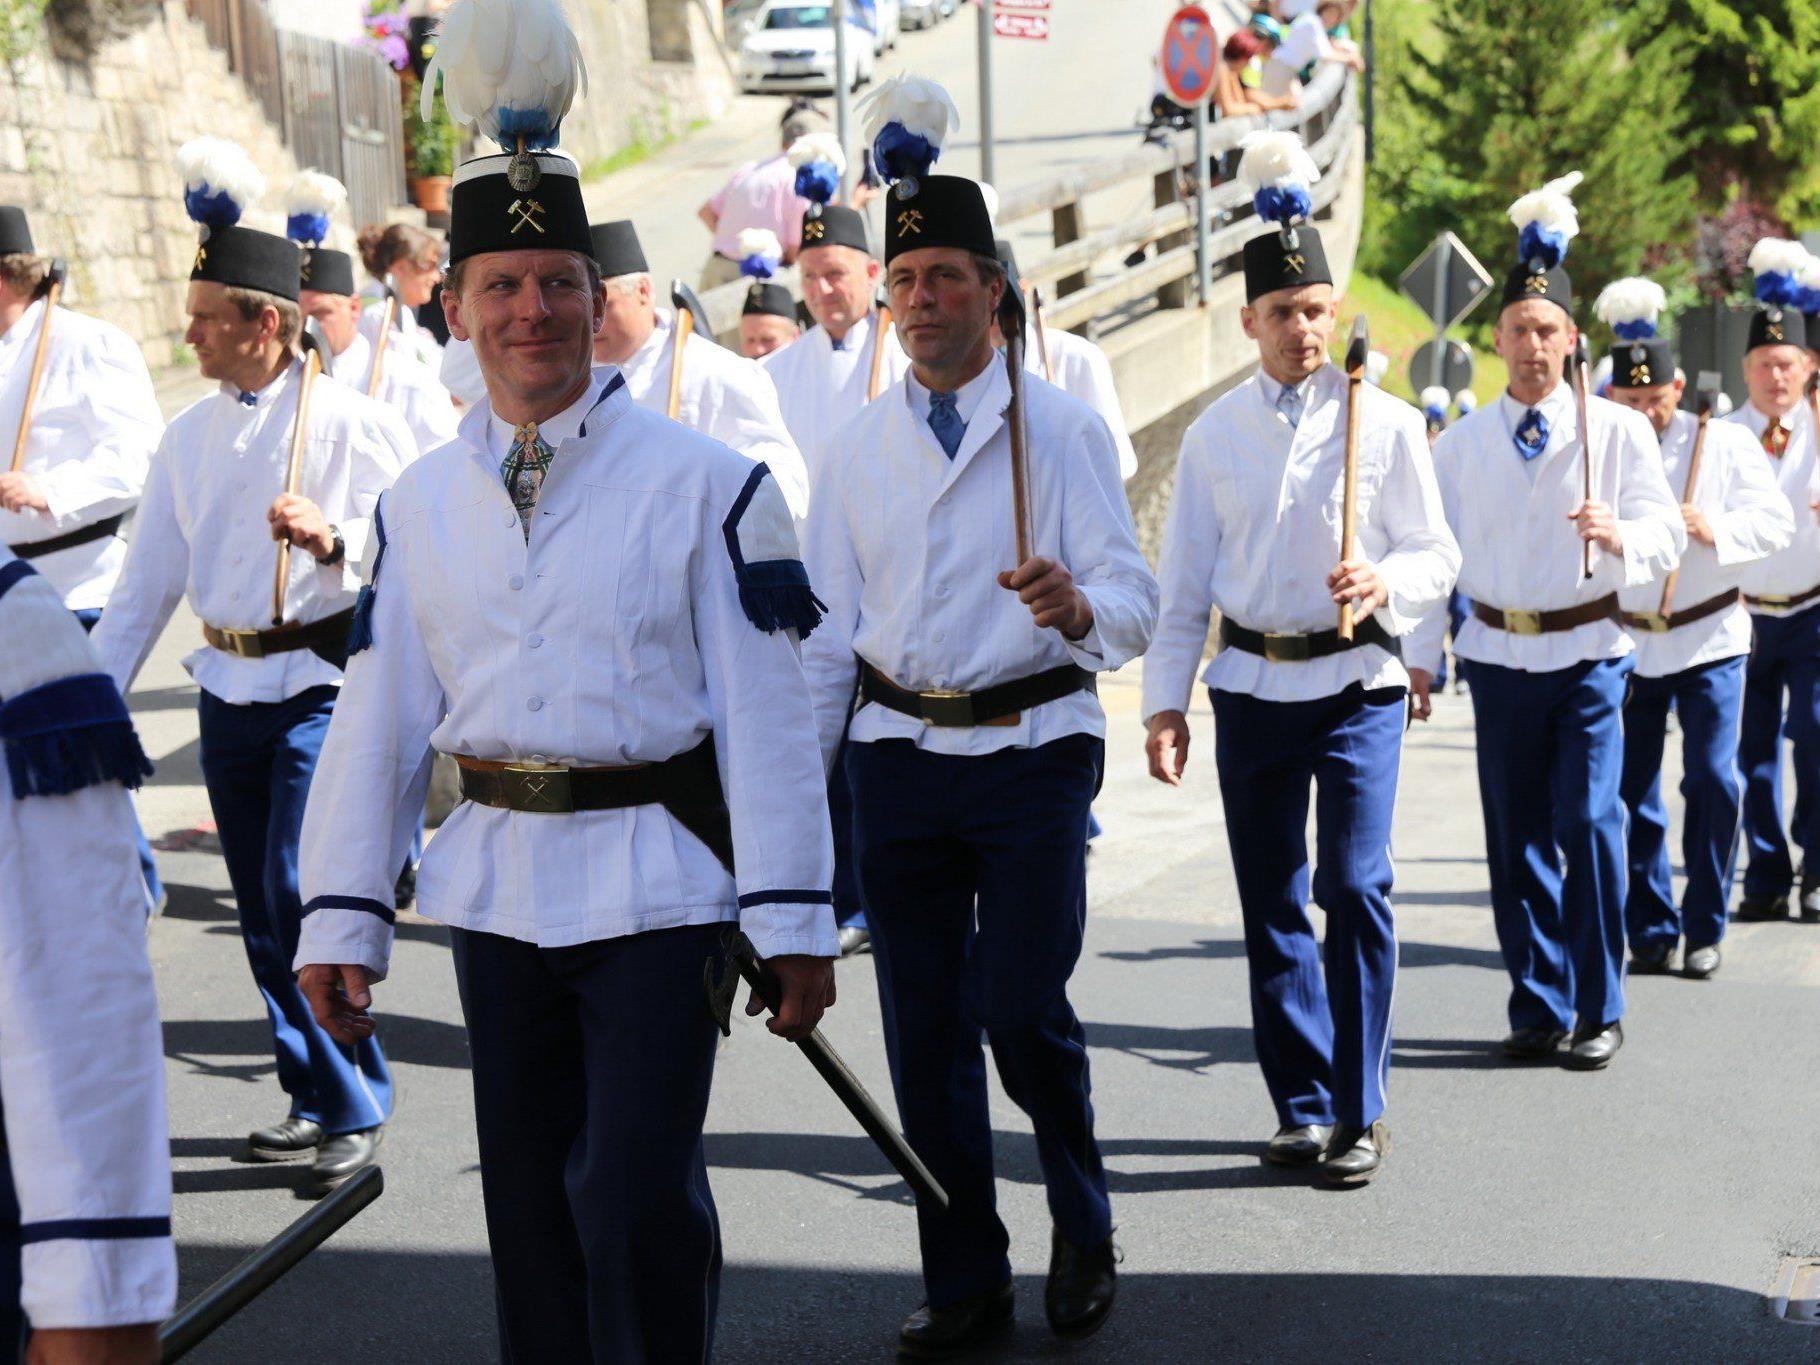 Der tradionelle Festumzug der Bergleute findet einmal jährlich in Berchtesgaden statt.